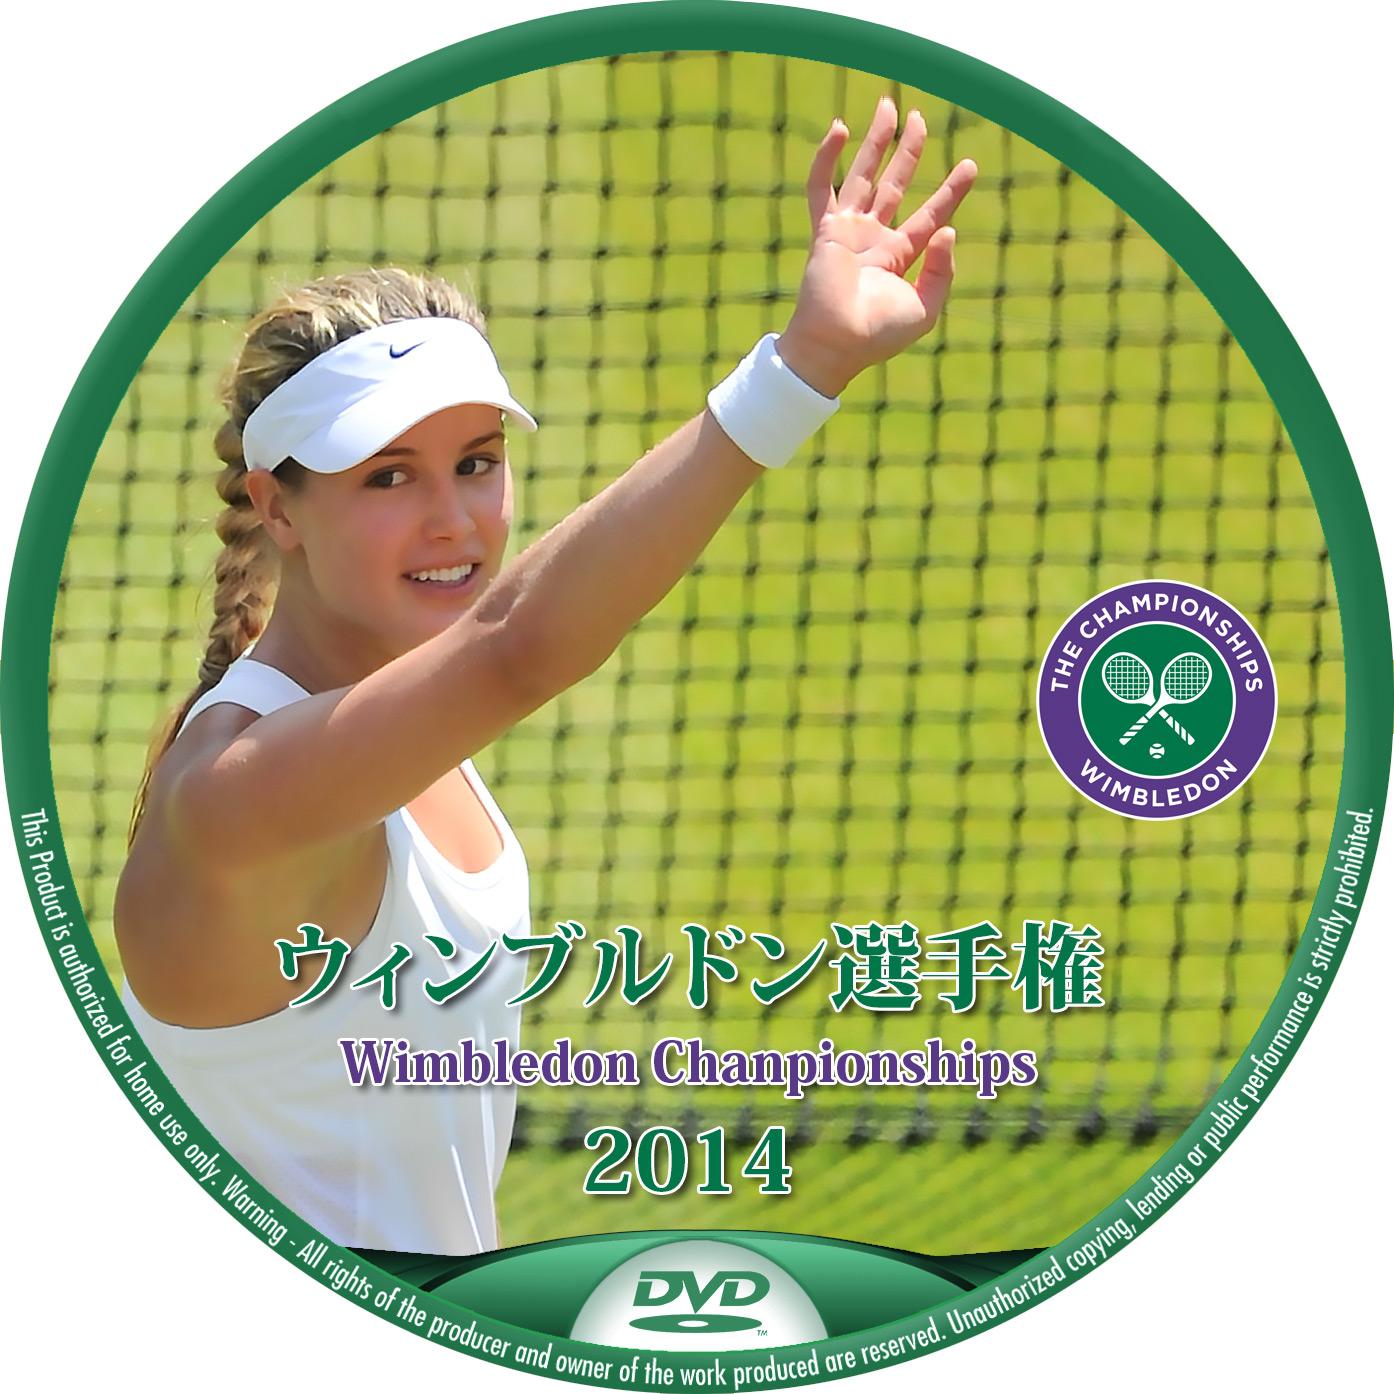 ウィンブルドン 2014 DVDラベル ブシャール